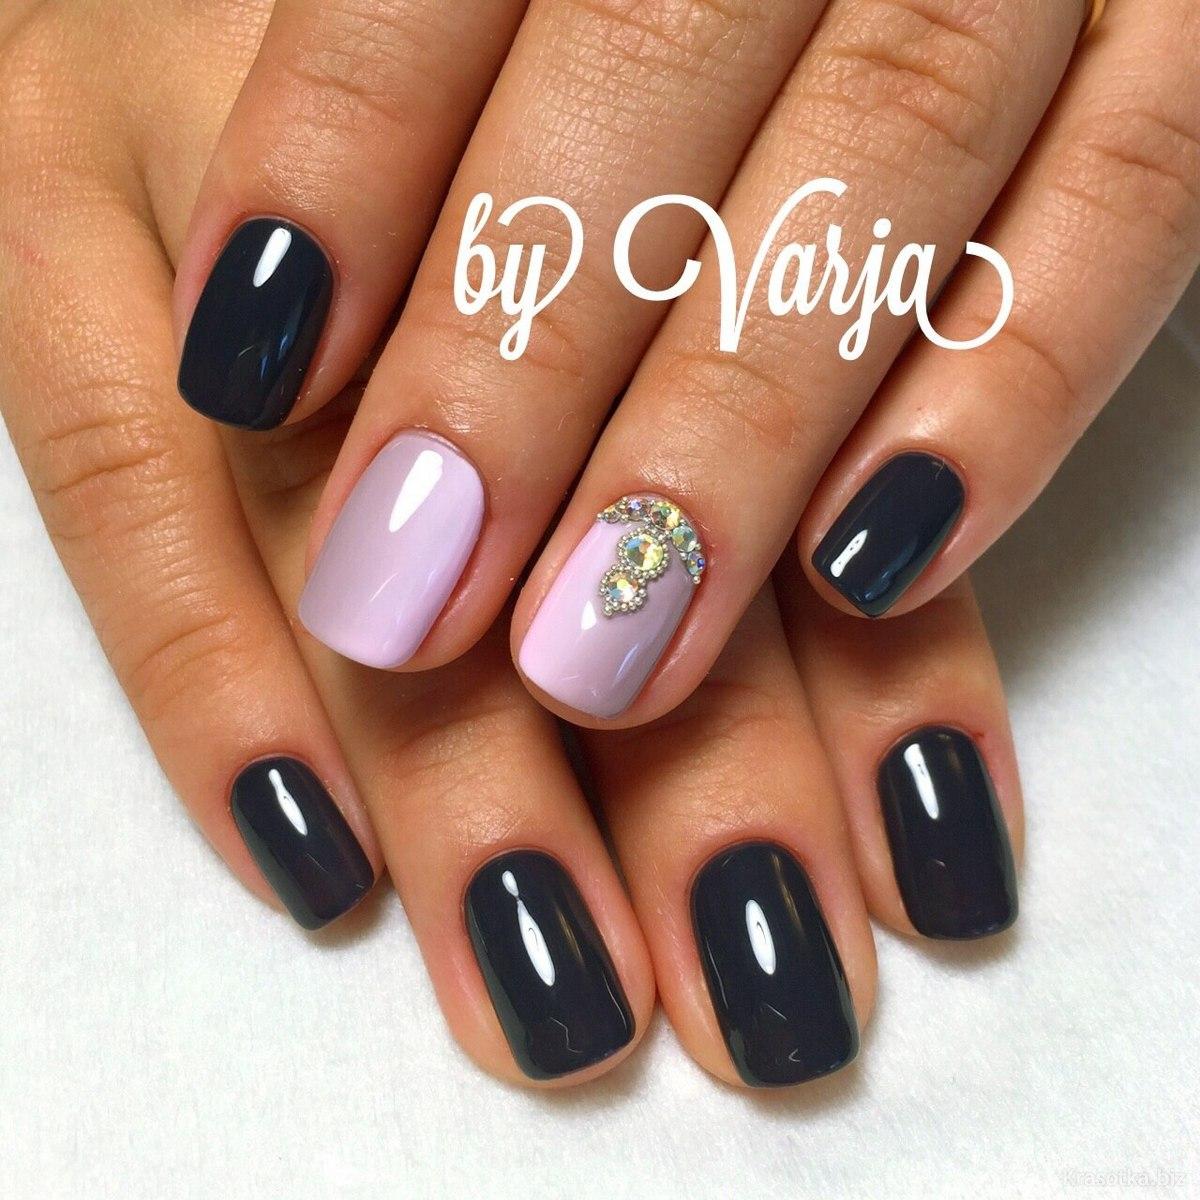 Выпуклый дизайн на ногтях: все секреты модного маникюра